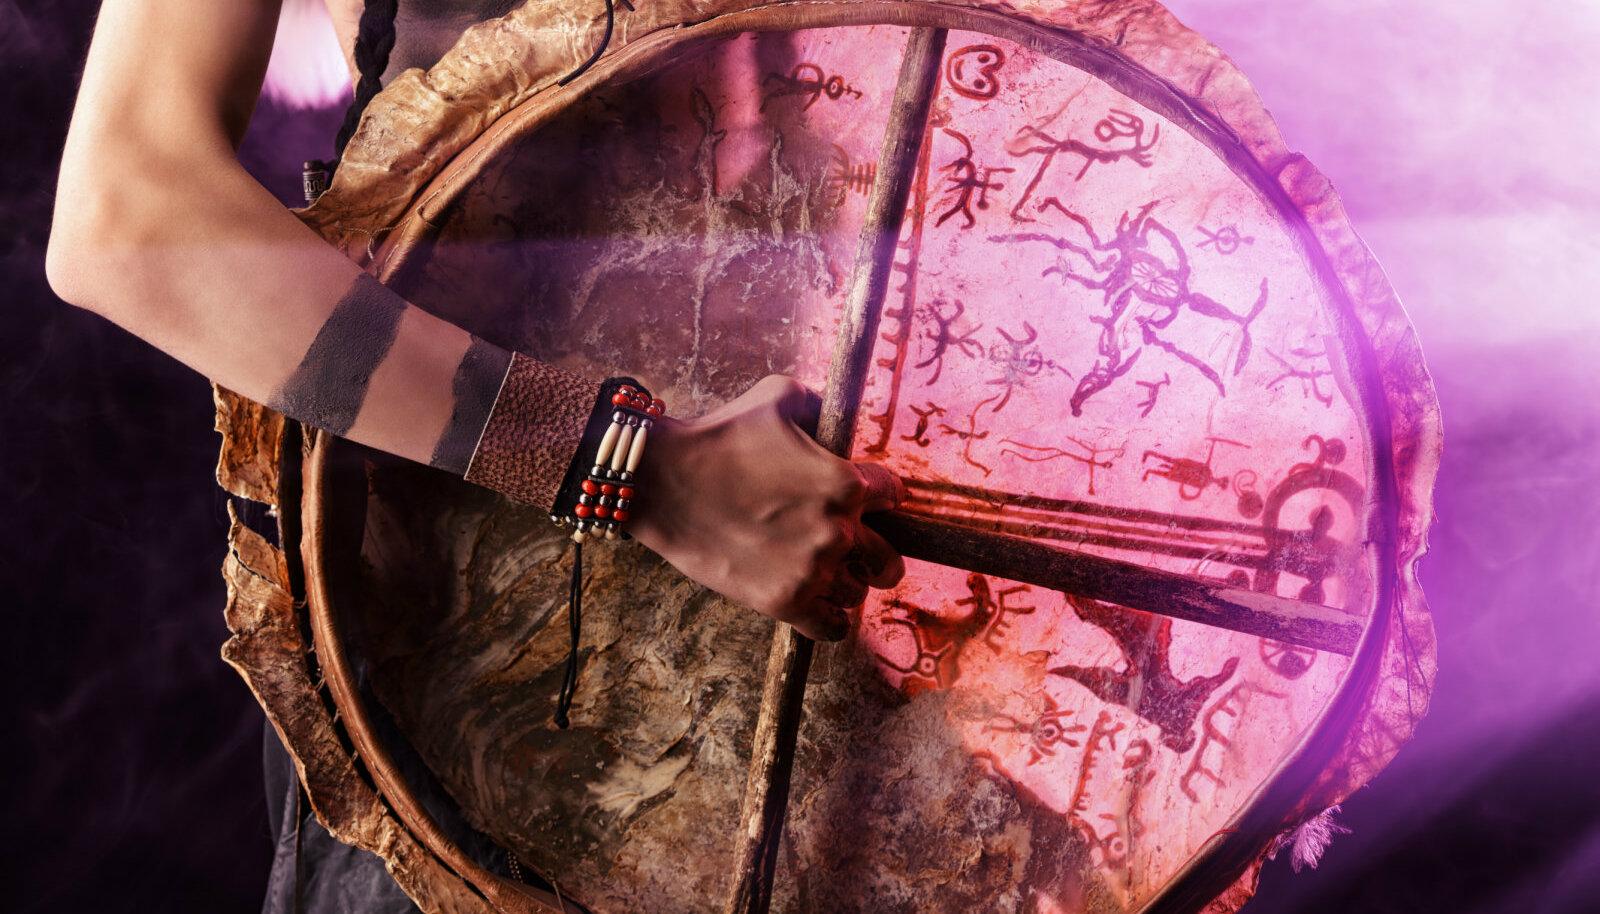 Saami trumm oma sümboolikaga on omamoodi võti mõtestamaks lahti saamide kosmoloogiat.